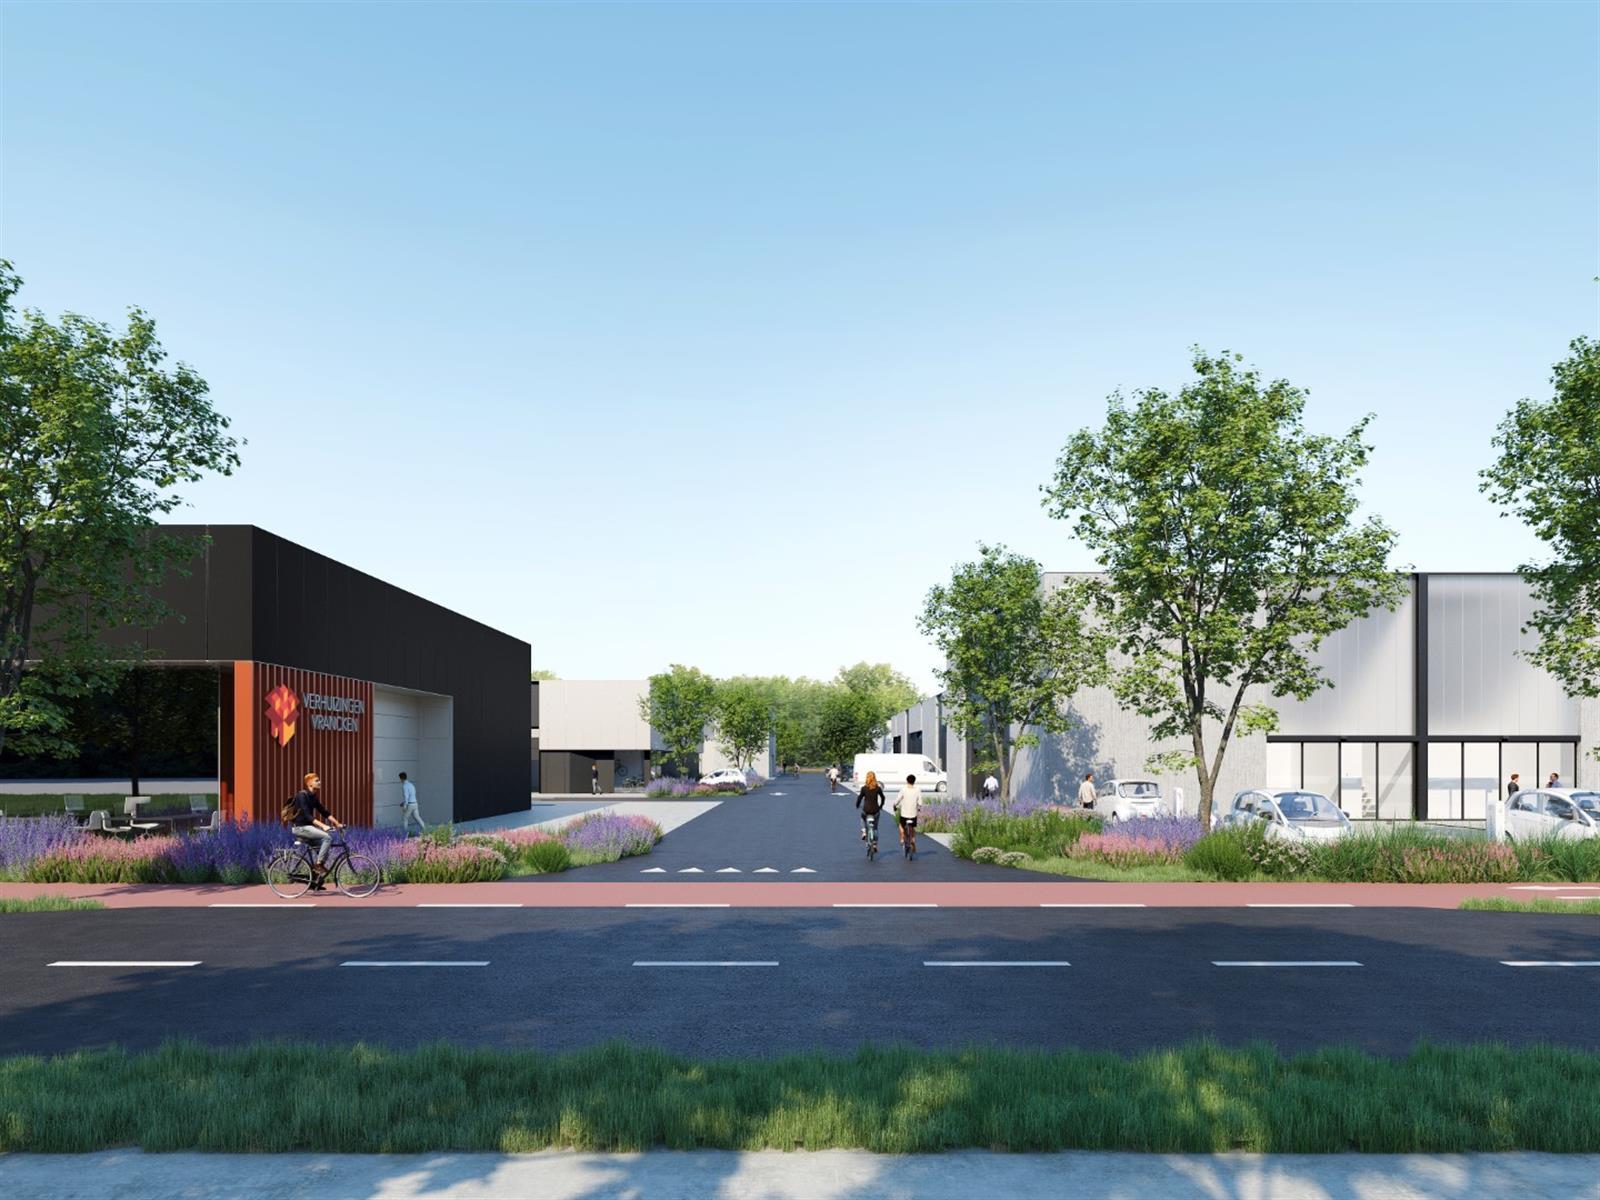 KMO-unit te koop Heros Businesspark KMO Unit 6 - Herkenrodesingel 10, 3500 Hasselt, België 5